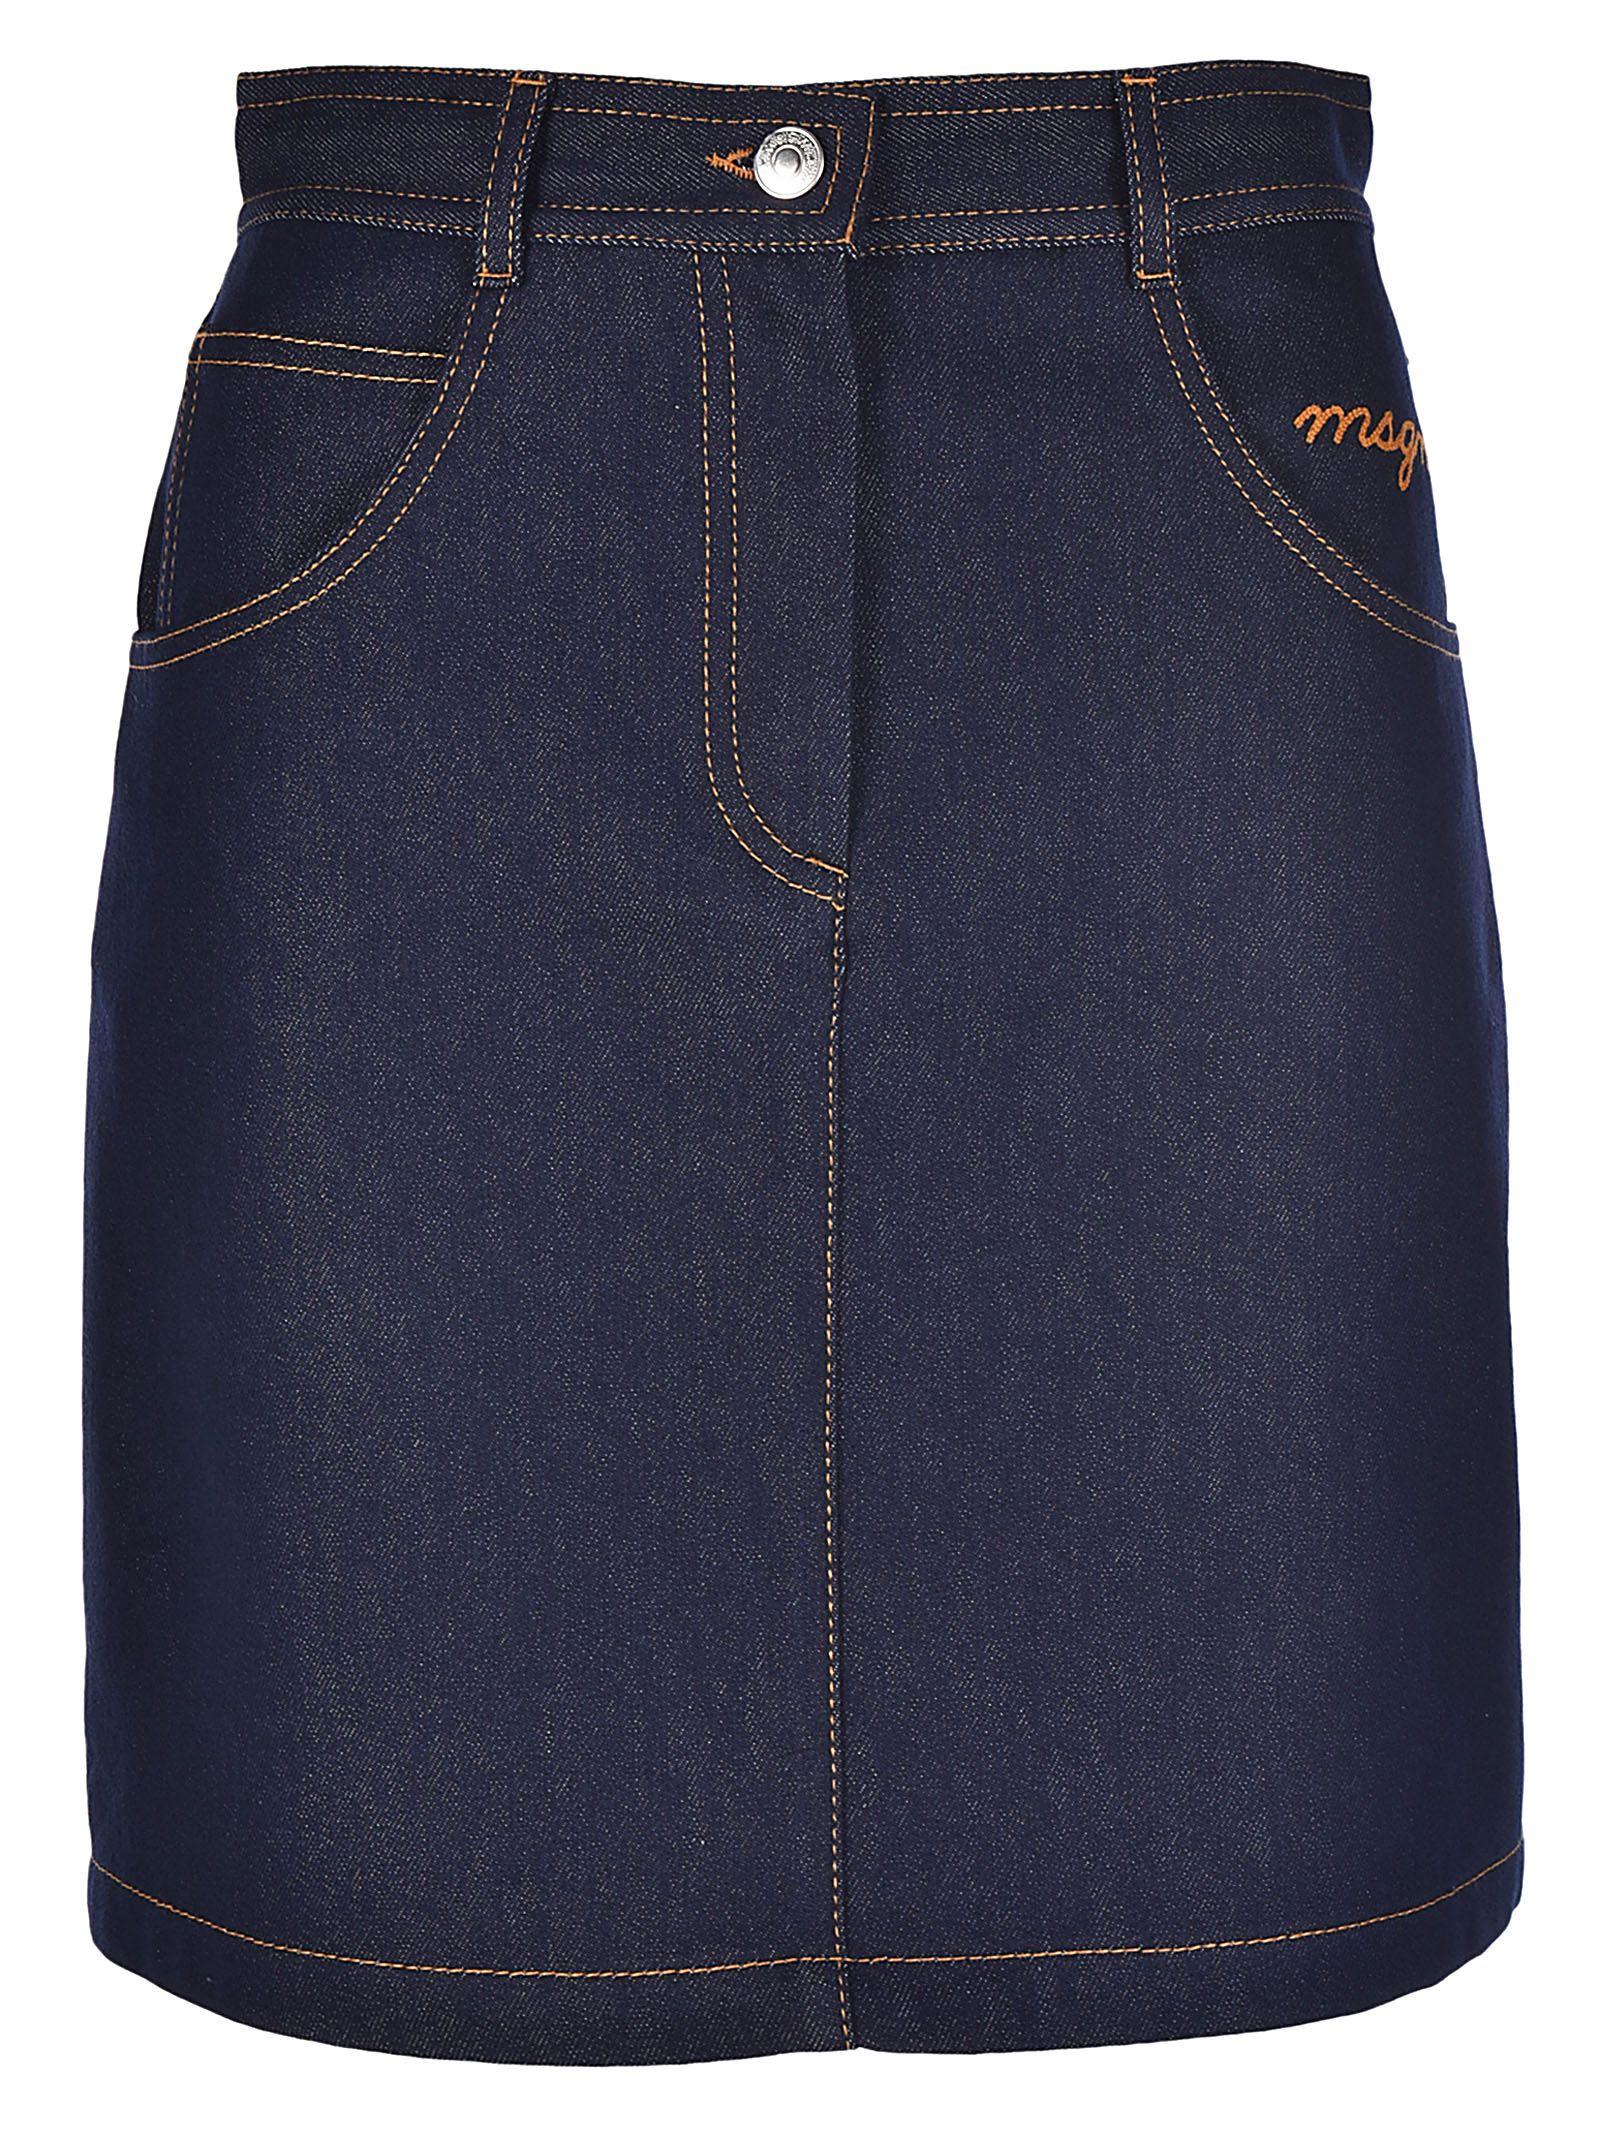 Msgm A-line Denim Skirt